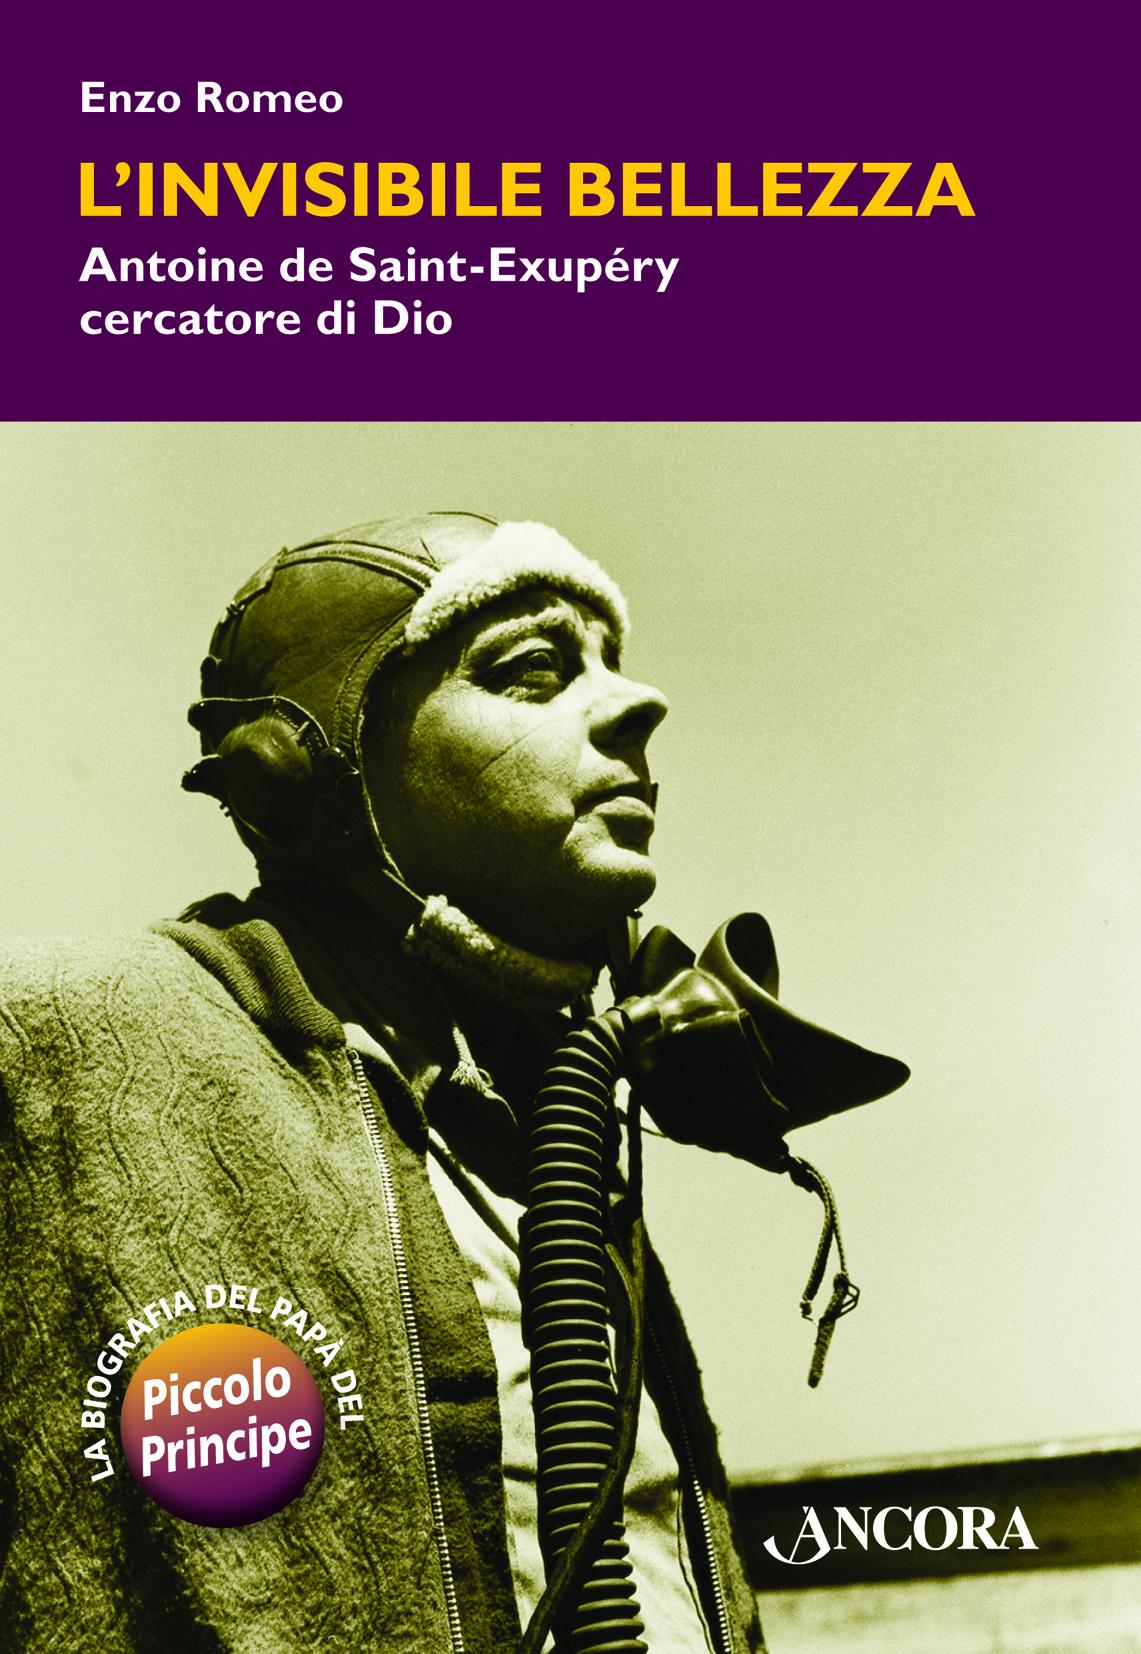 Enzo Romeo